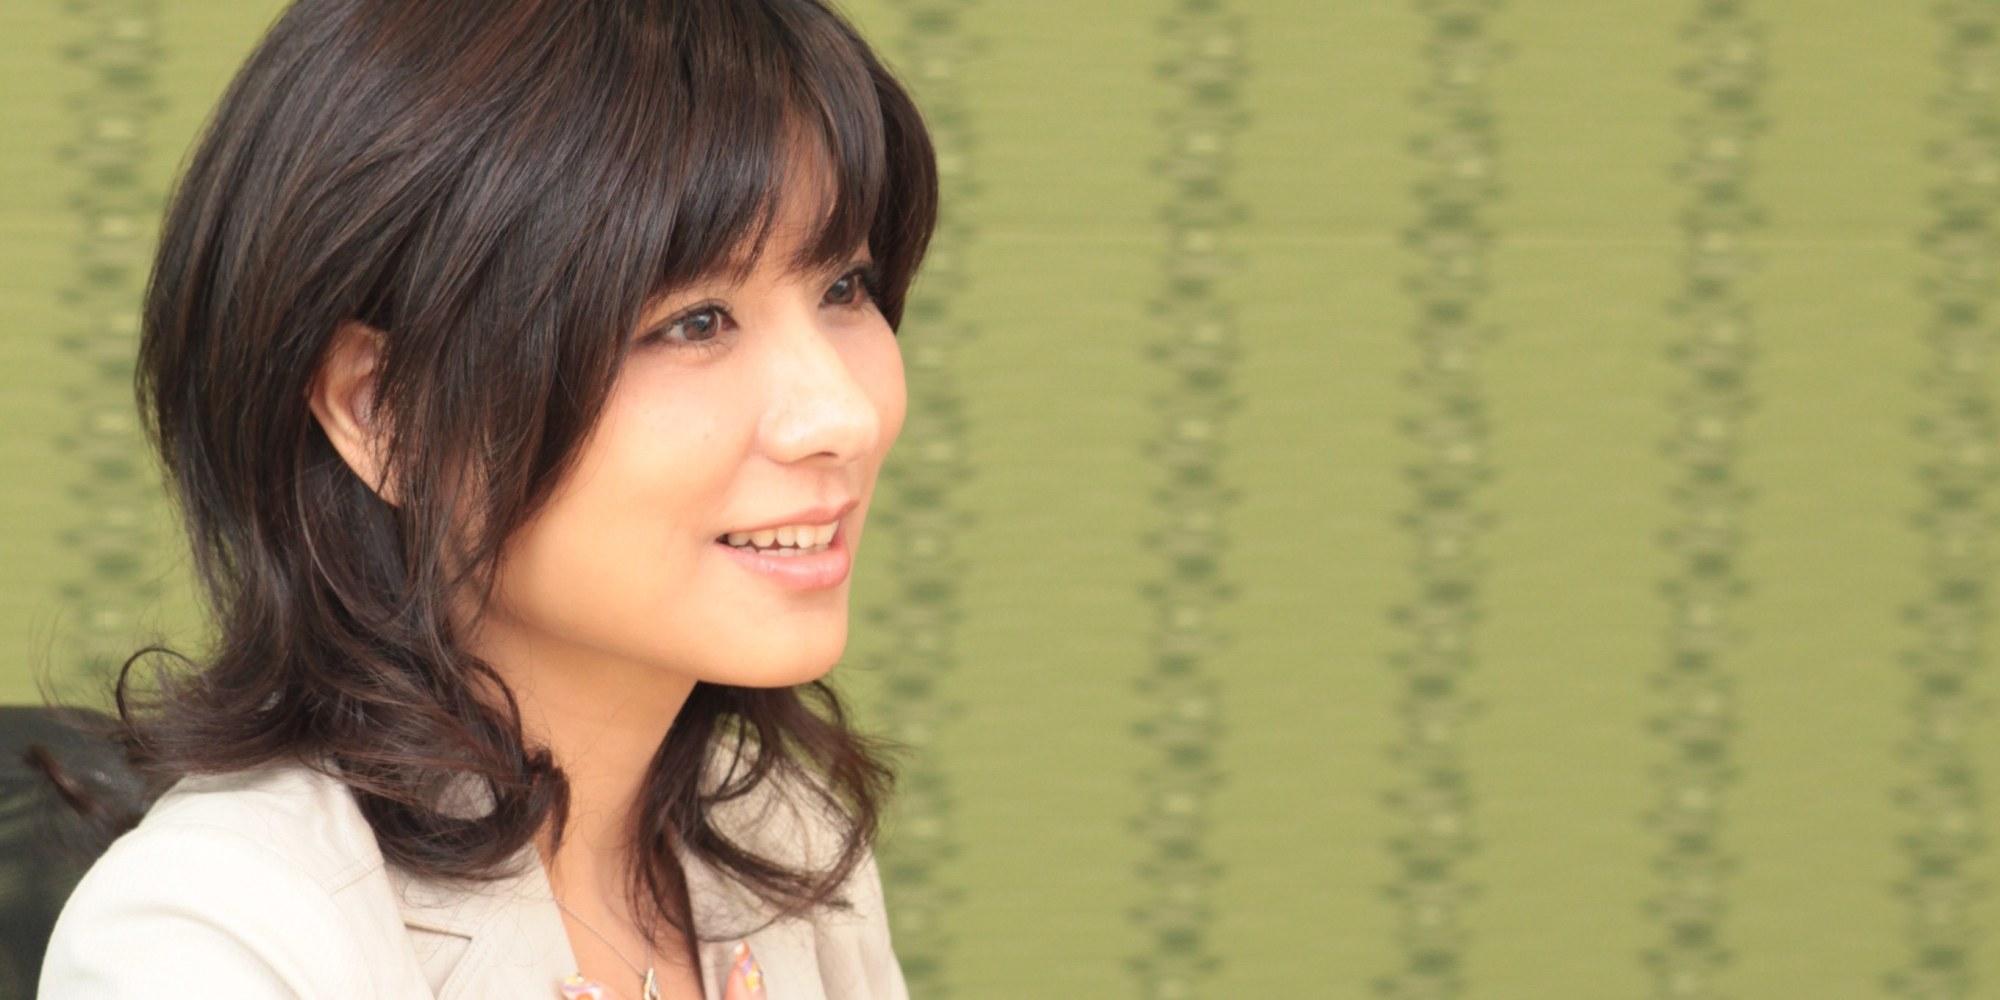 「長時間労働をやめたら、生産性が上がって、出産数が増えた」小室淑恵さんに聞く、日本を変える働きか